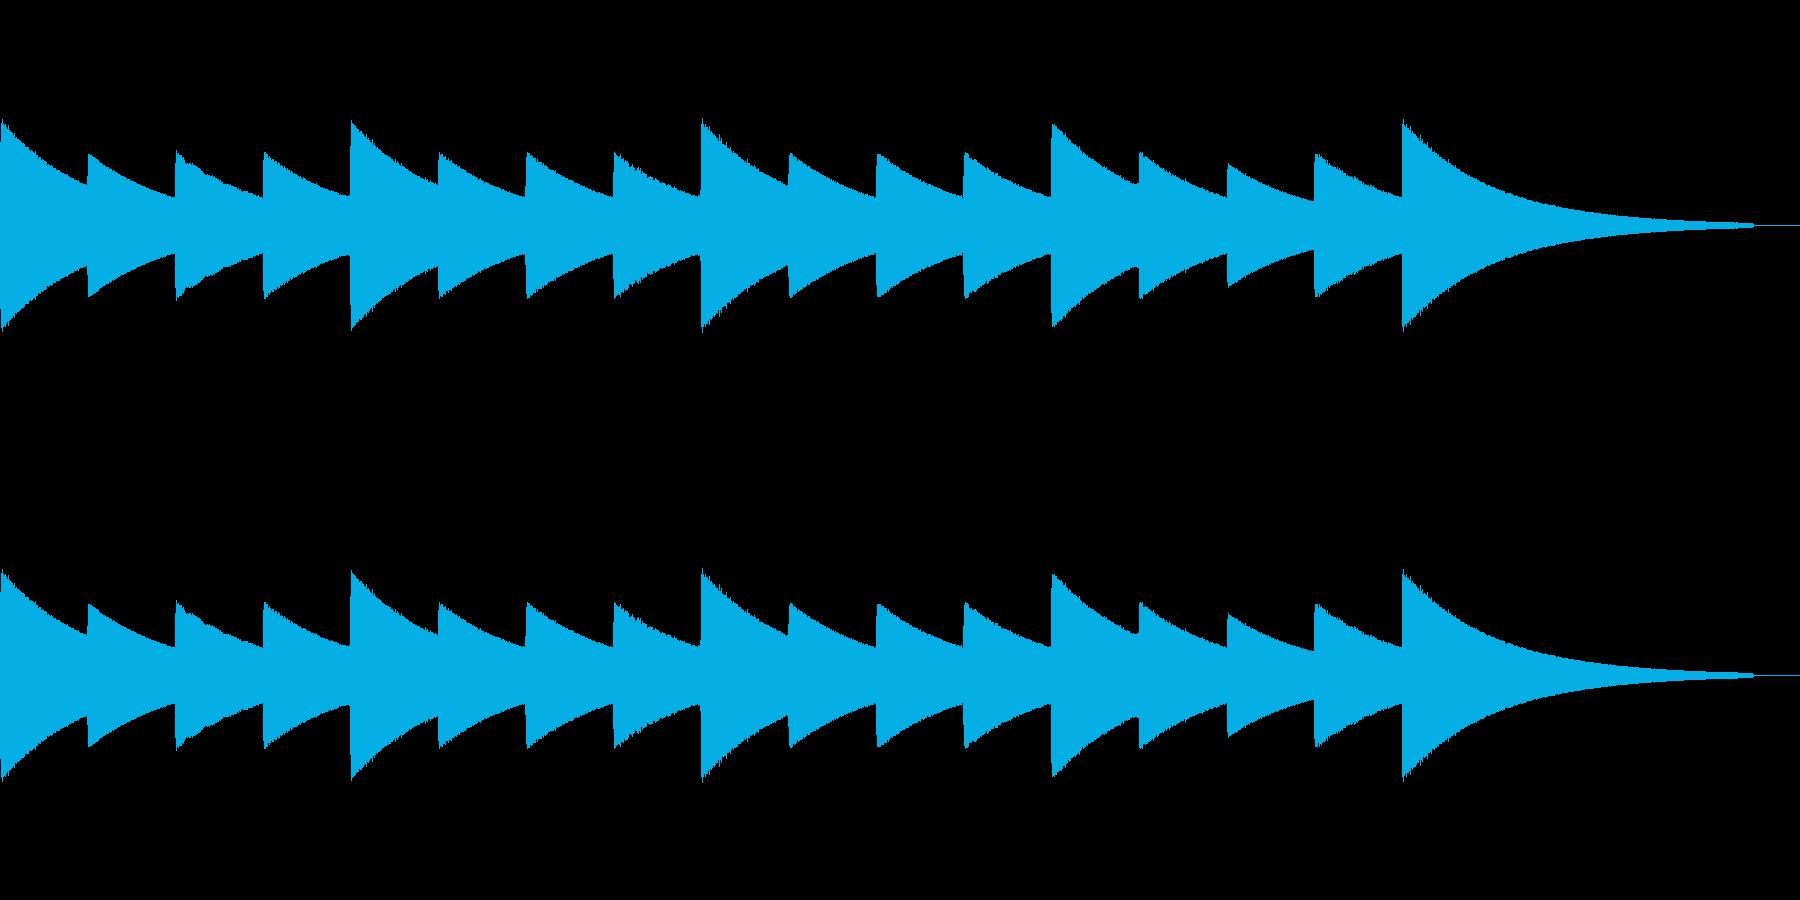 コンビニ入店音をイメージしたジングルで…の再生済みの波形